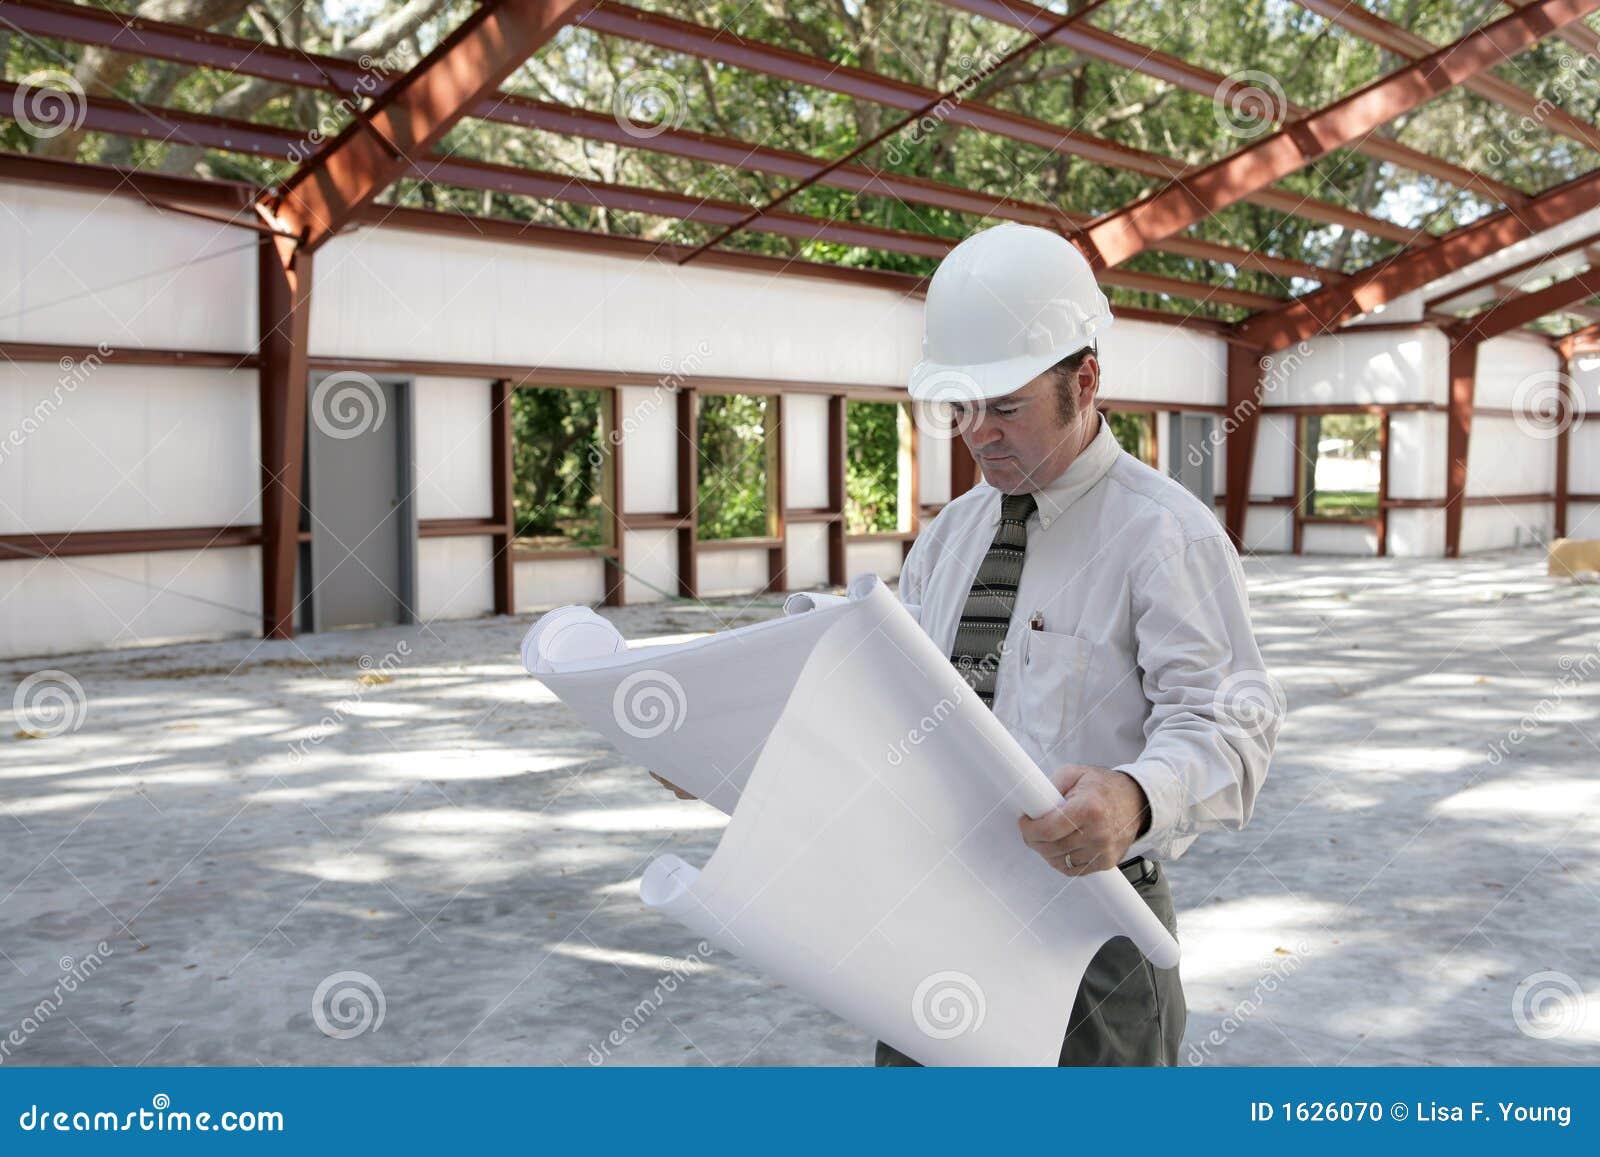 Arquitecto en lugar de trabajo foto de archivo imagen for Trabajo de arquitecto